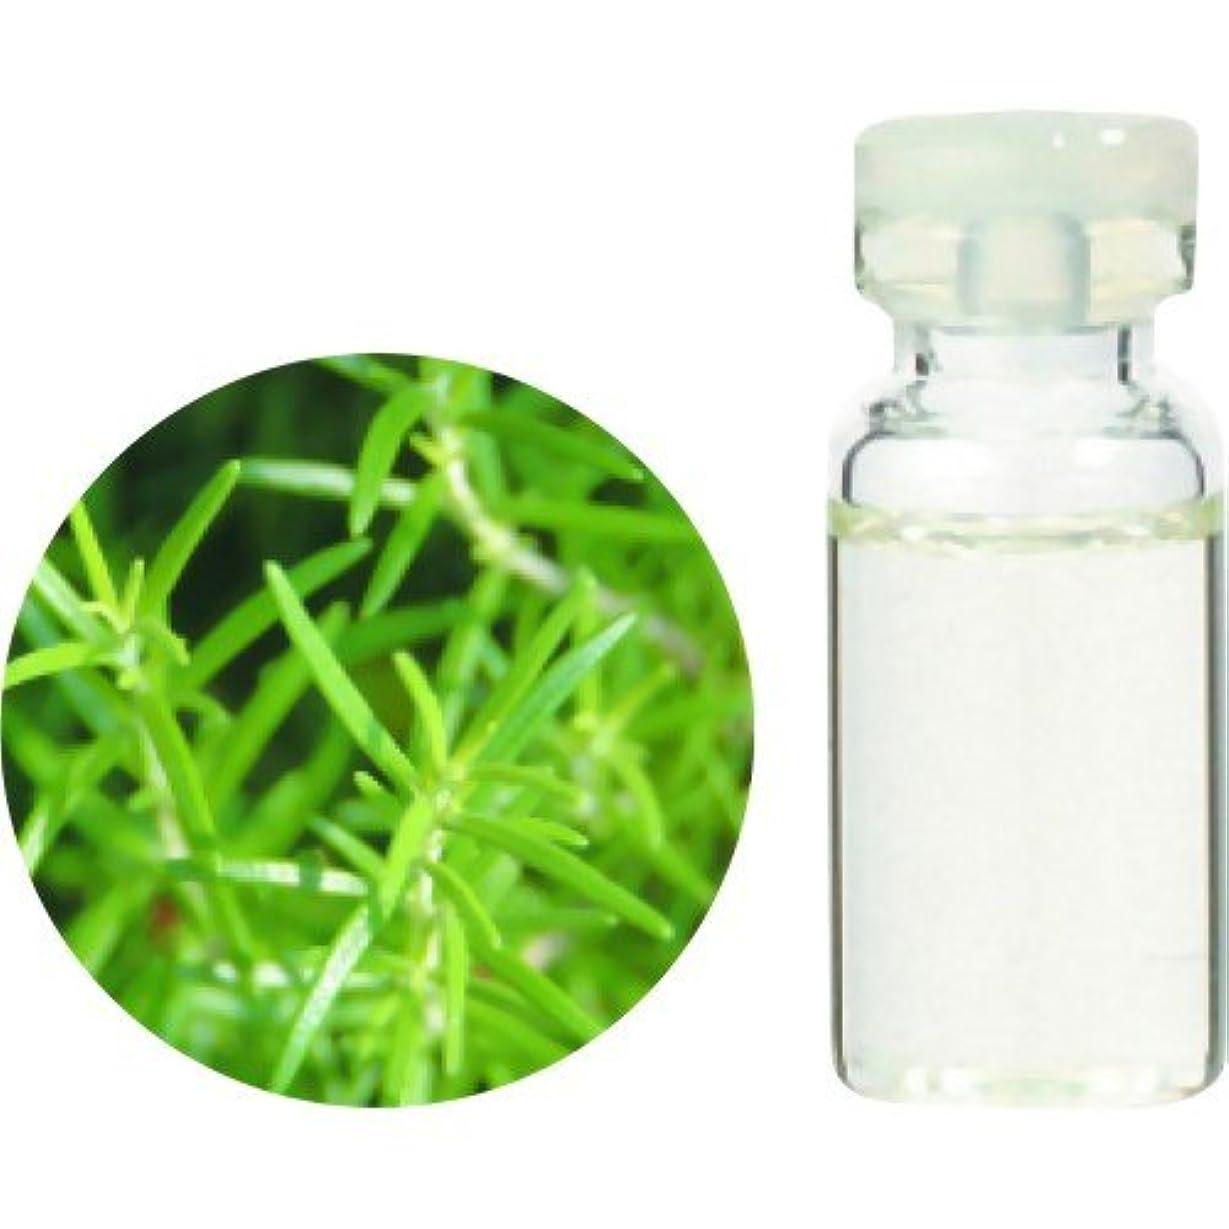 日焼け無謀階下生活の木 Herbal Life Organic ローズマリー?シネオール 10ml